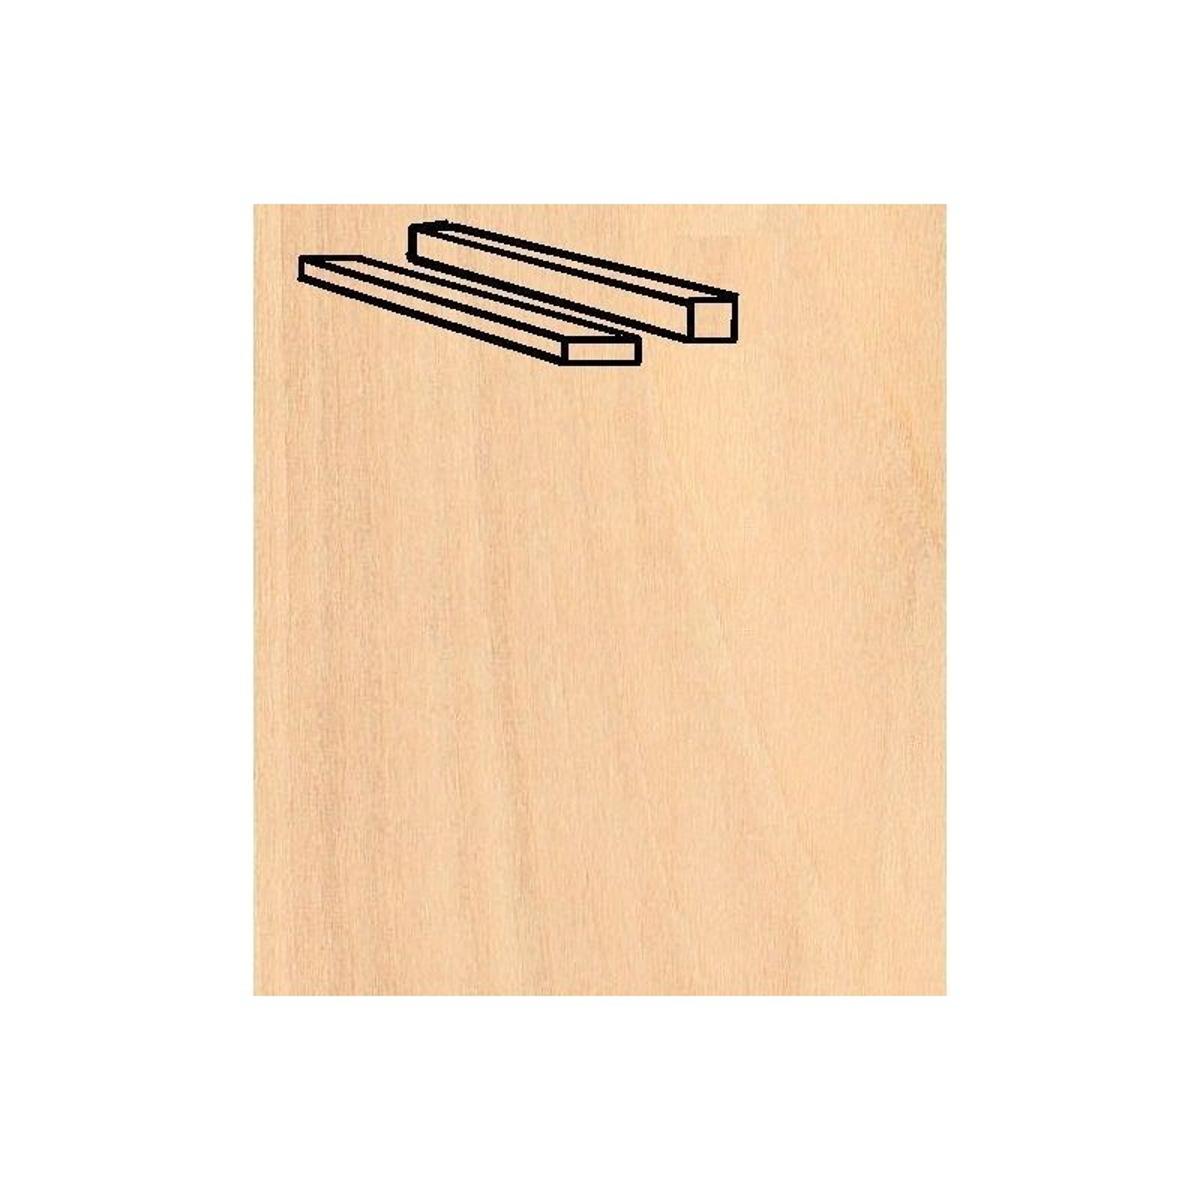 Baguettes de placage en bois x 25 : Bouleau 914 x 5 x 5 mm